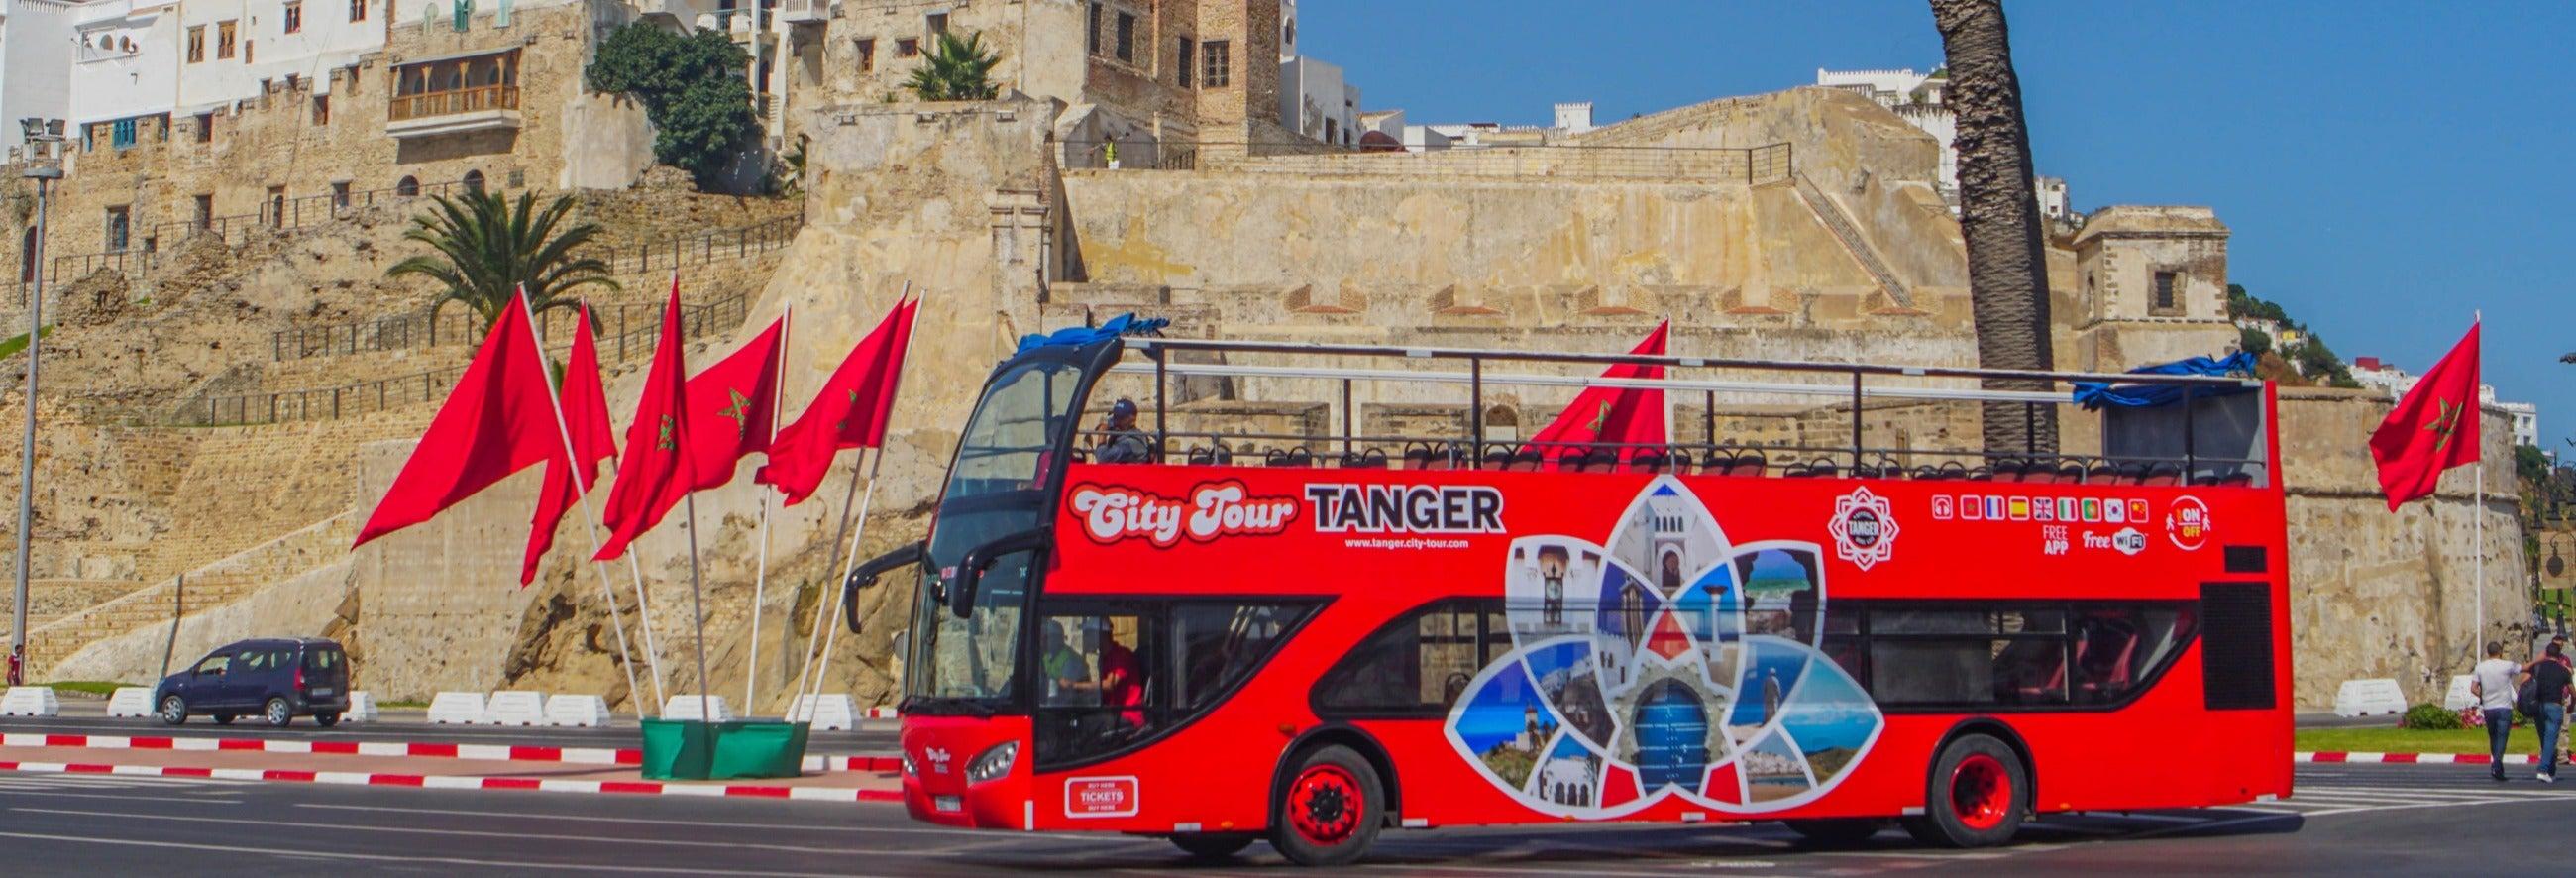 Tangier Tourist Bus